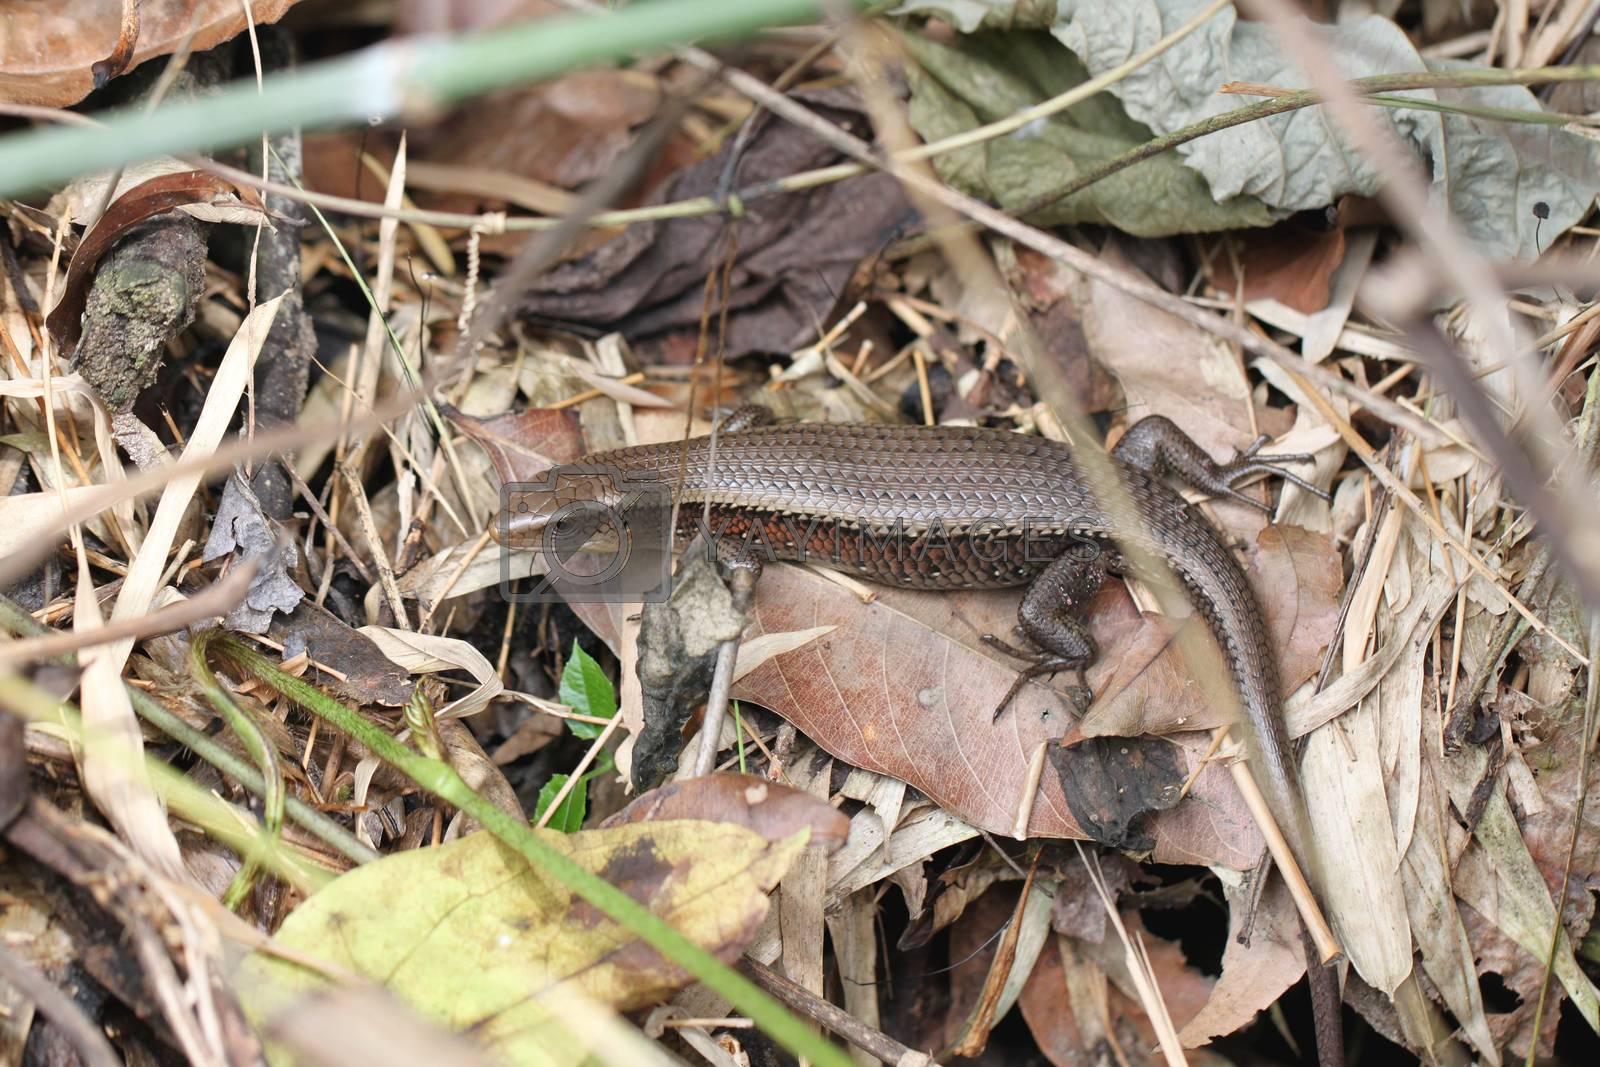 Skink or iguana on ground in the garden.